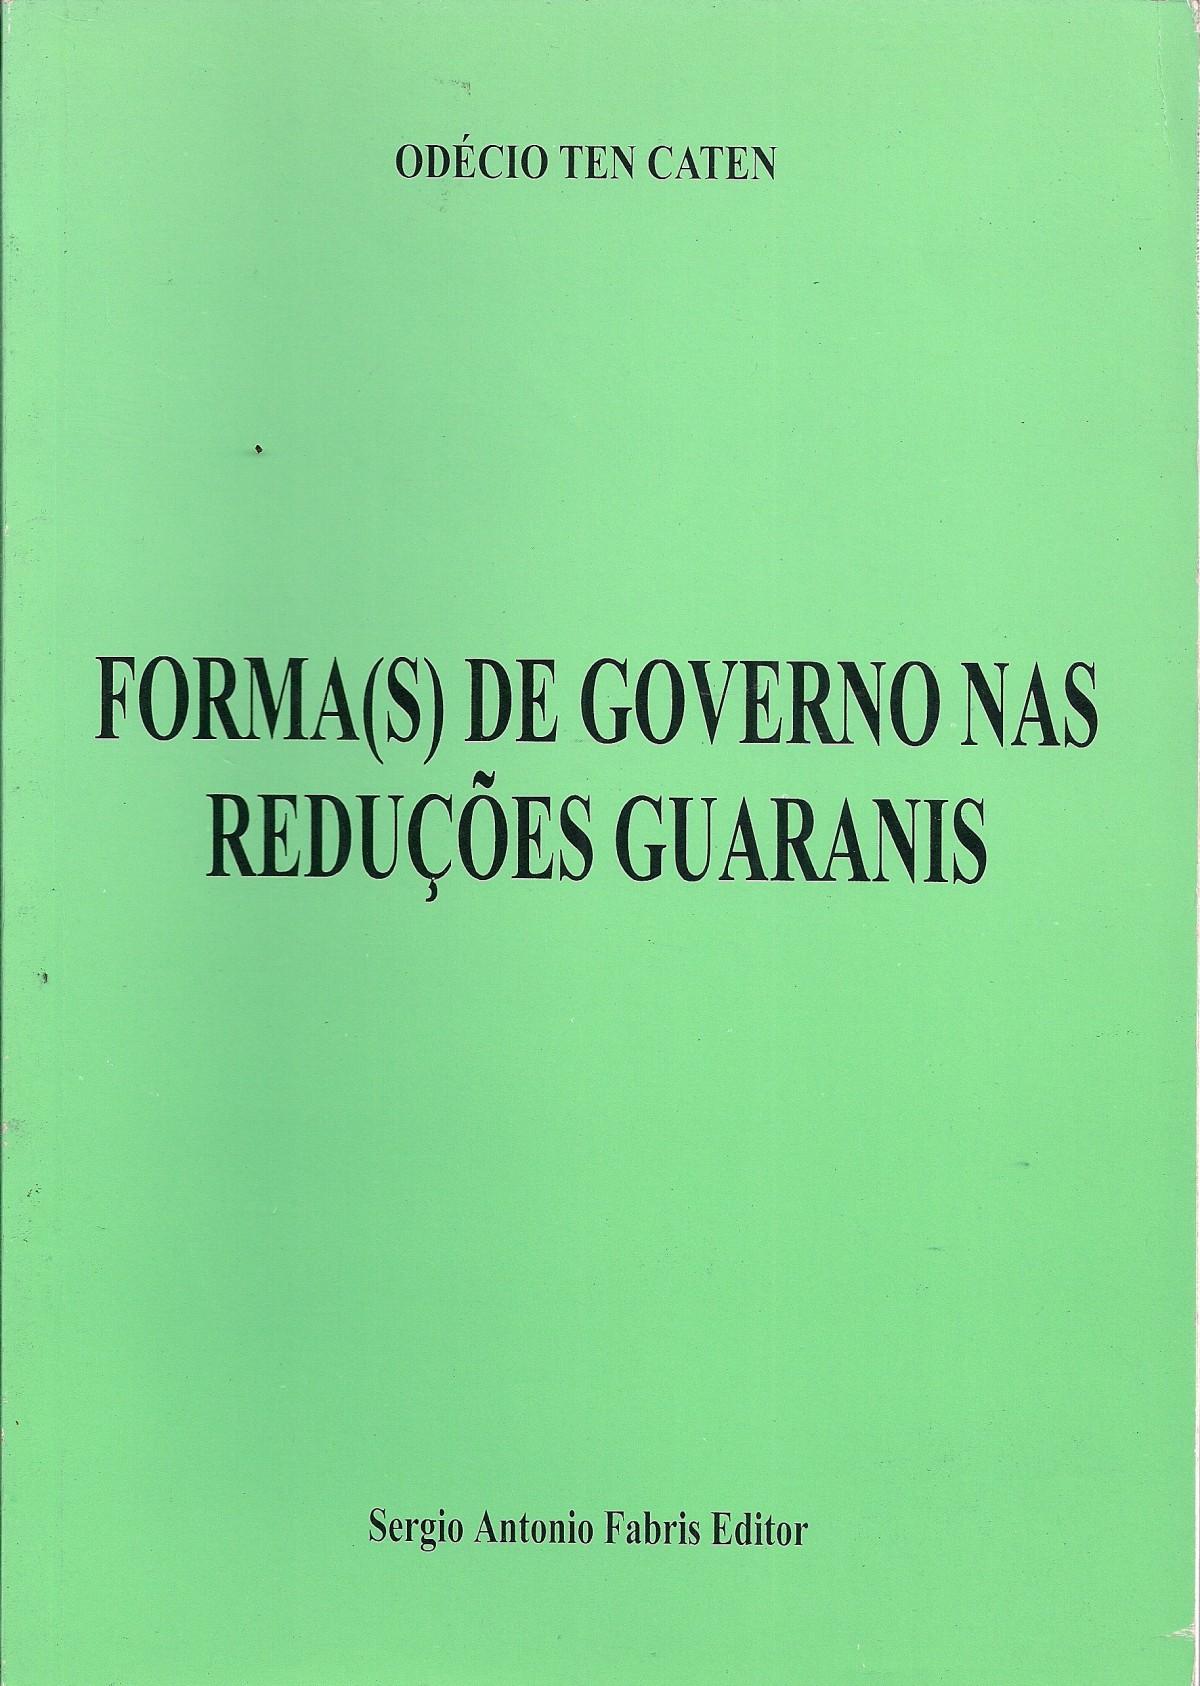 Foto 1 - Forma(S) de Governo nas Reduções Guaranis